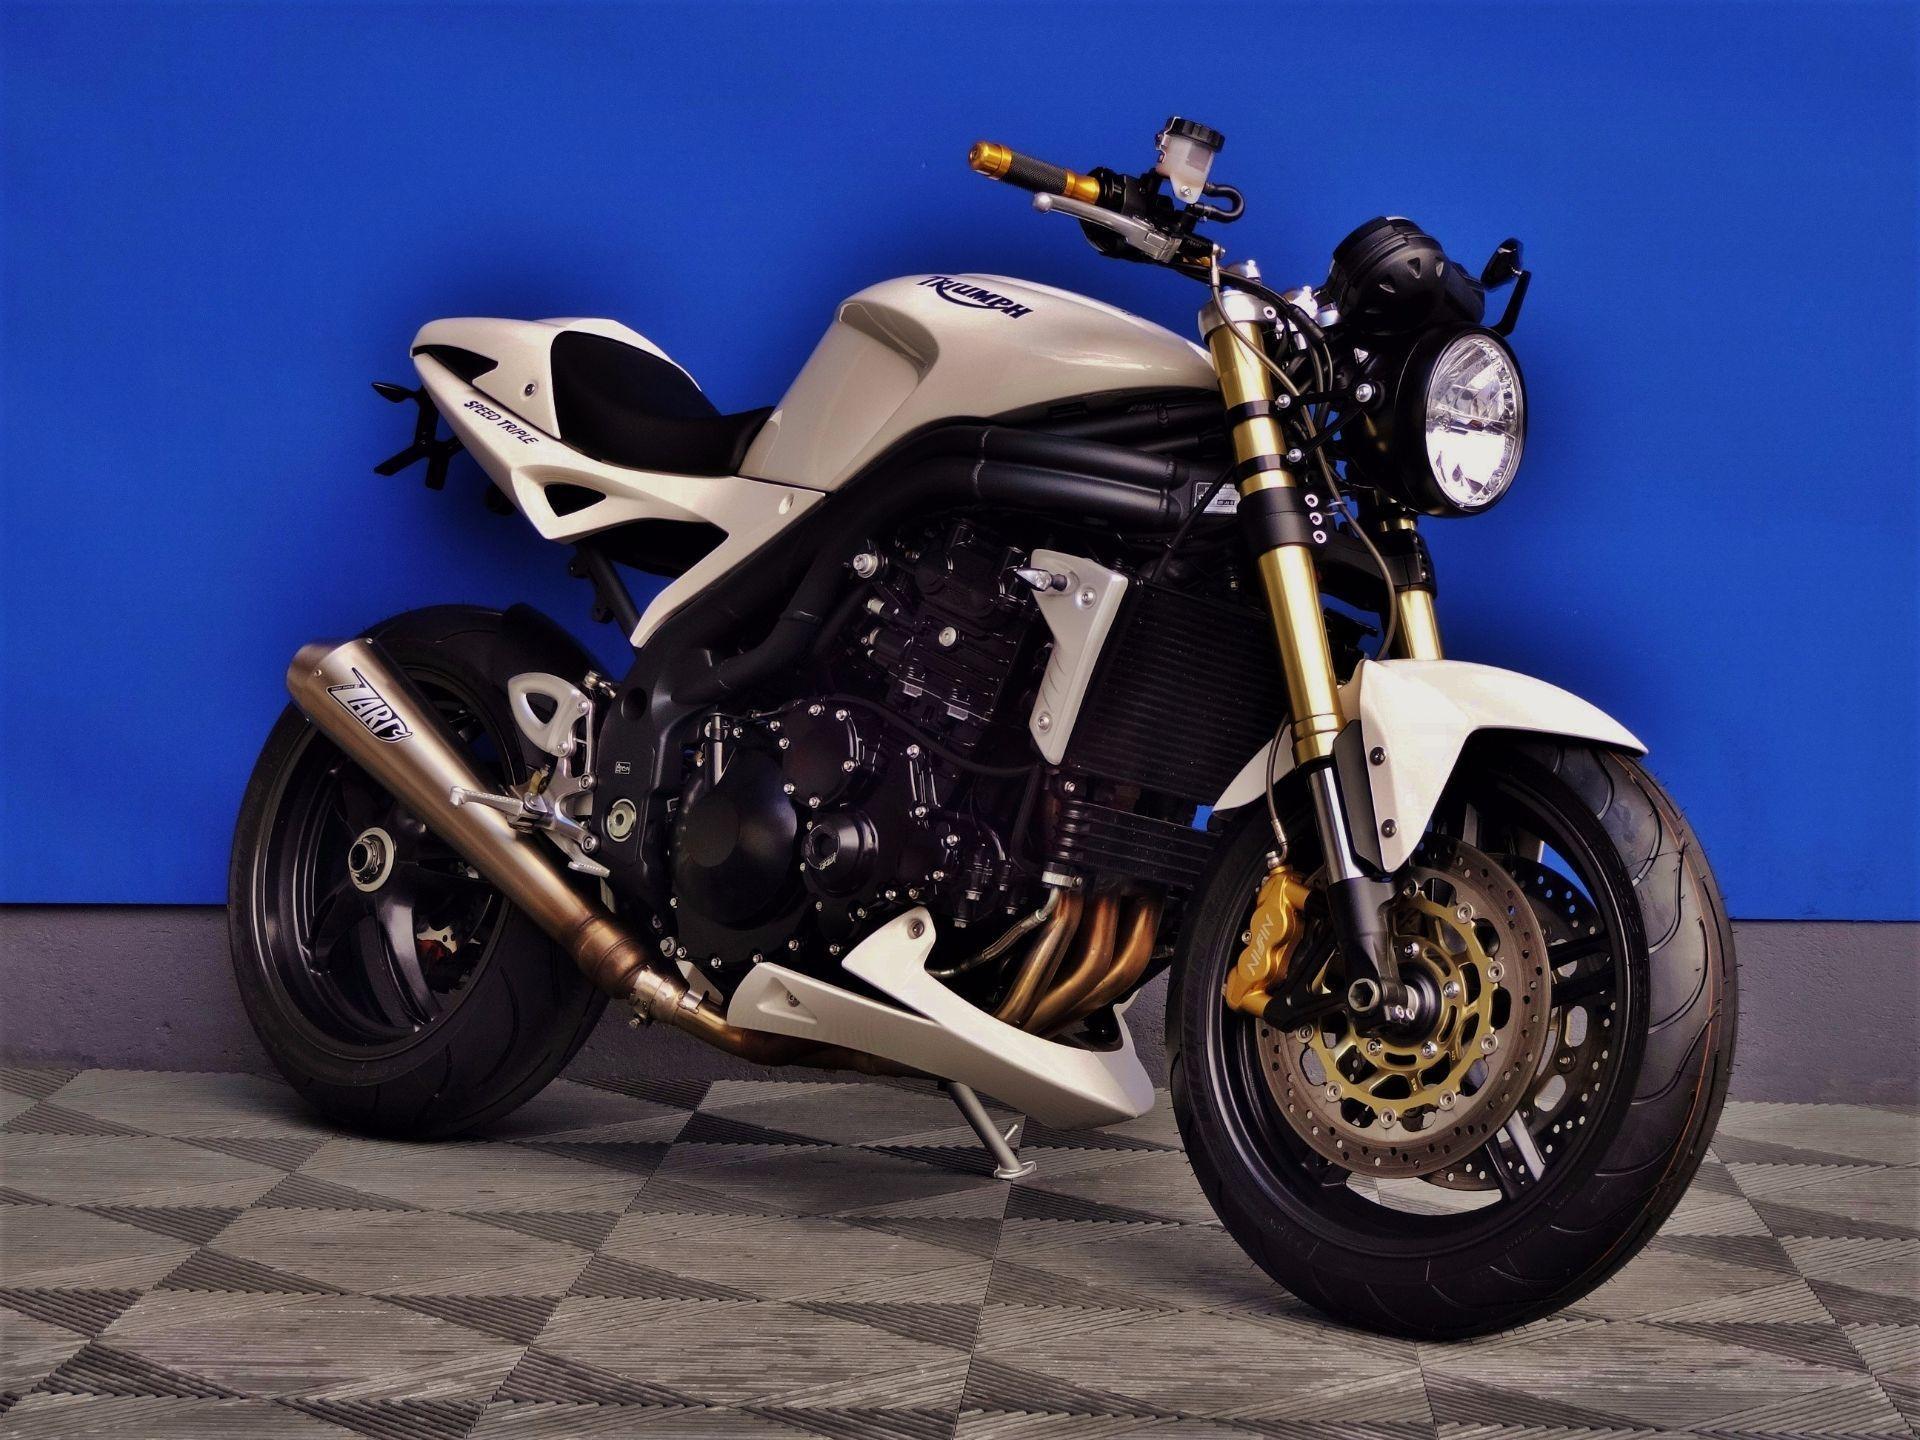 triumph speed triple 1050 umbau vogel motorbikes sch pfheim occasion. Black Bedroom Furniture Sets. Home Design Ideas